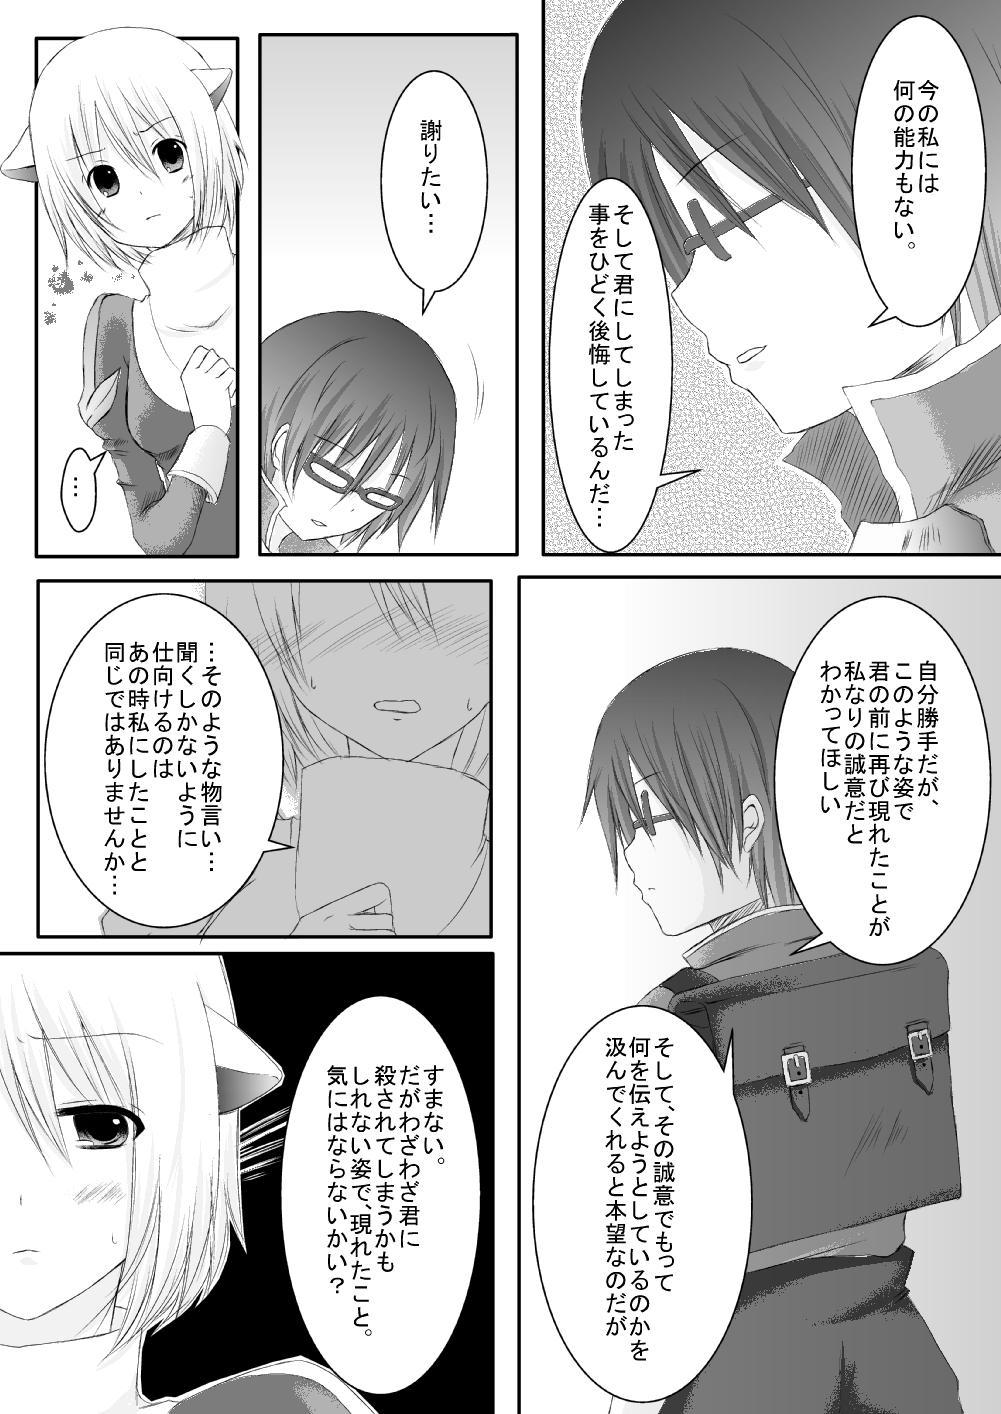 ラ○ナロク素プリ寝取られ本総集編 83